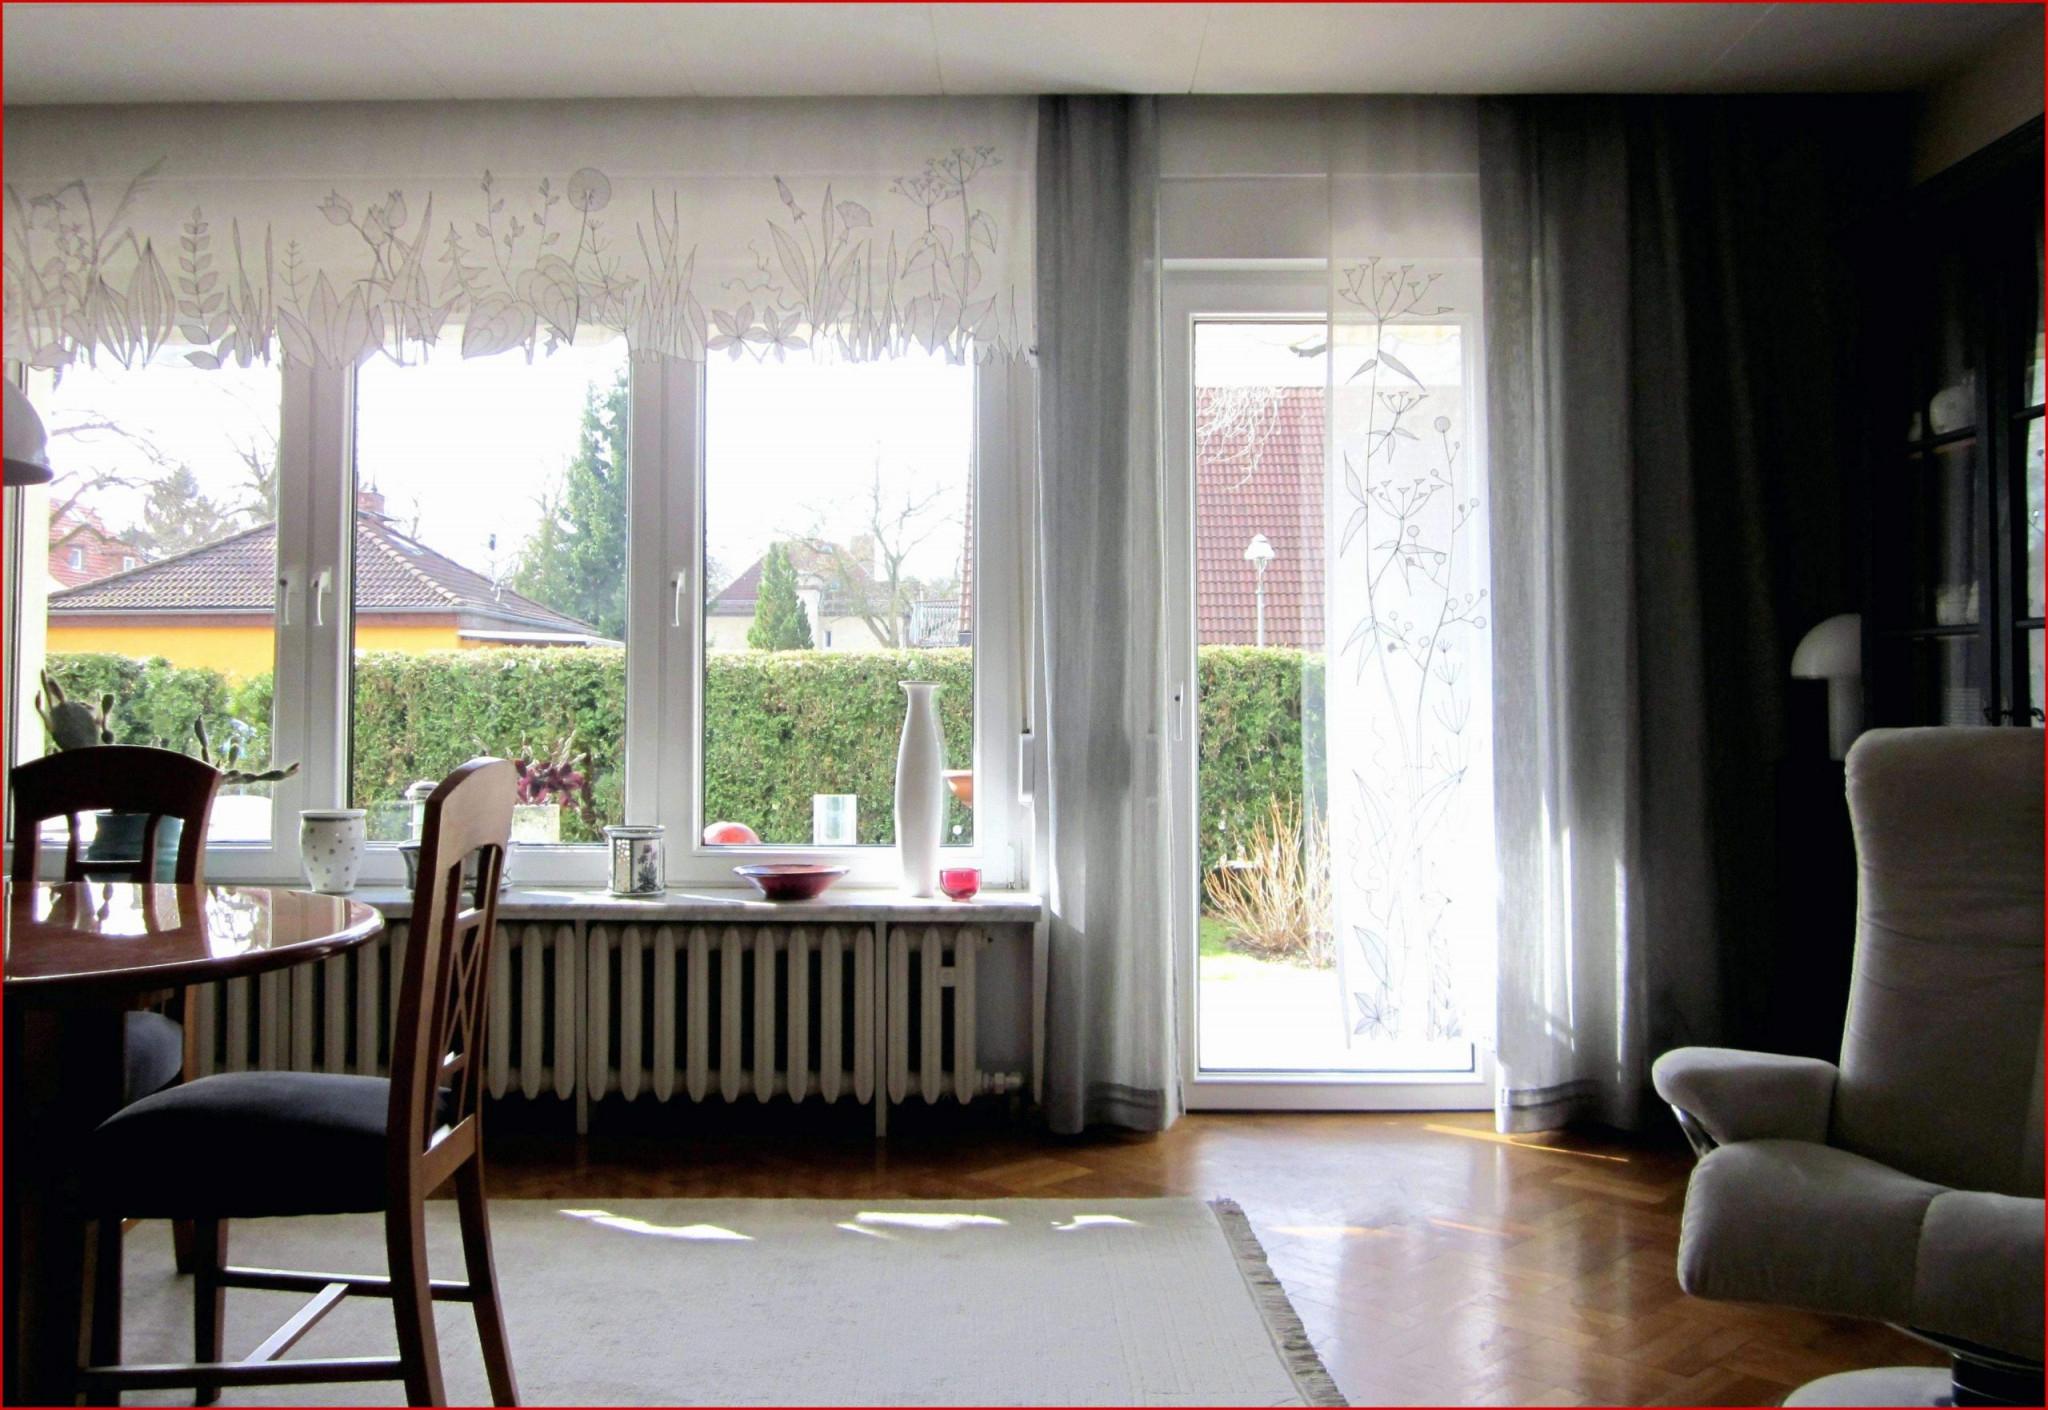 Gardinen Modelle Für Wohnzimmer Schön Schön Gardinen Für von Gardinen Dekorationsvorschläge Wohnzimmer Bild